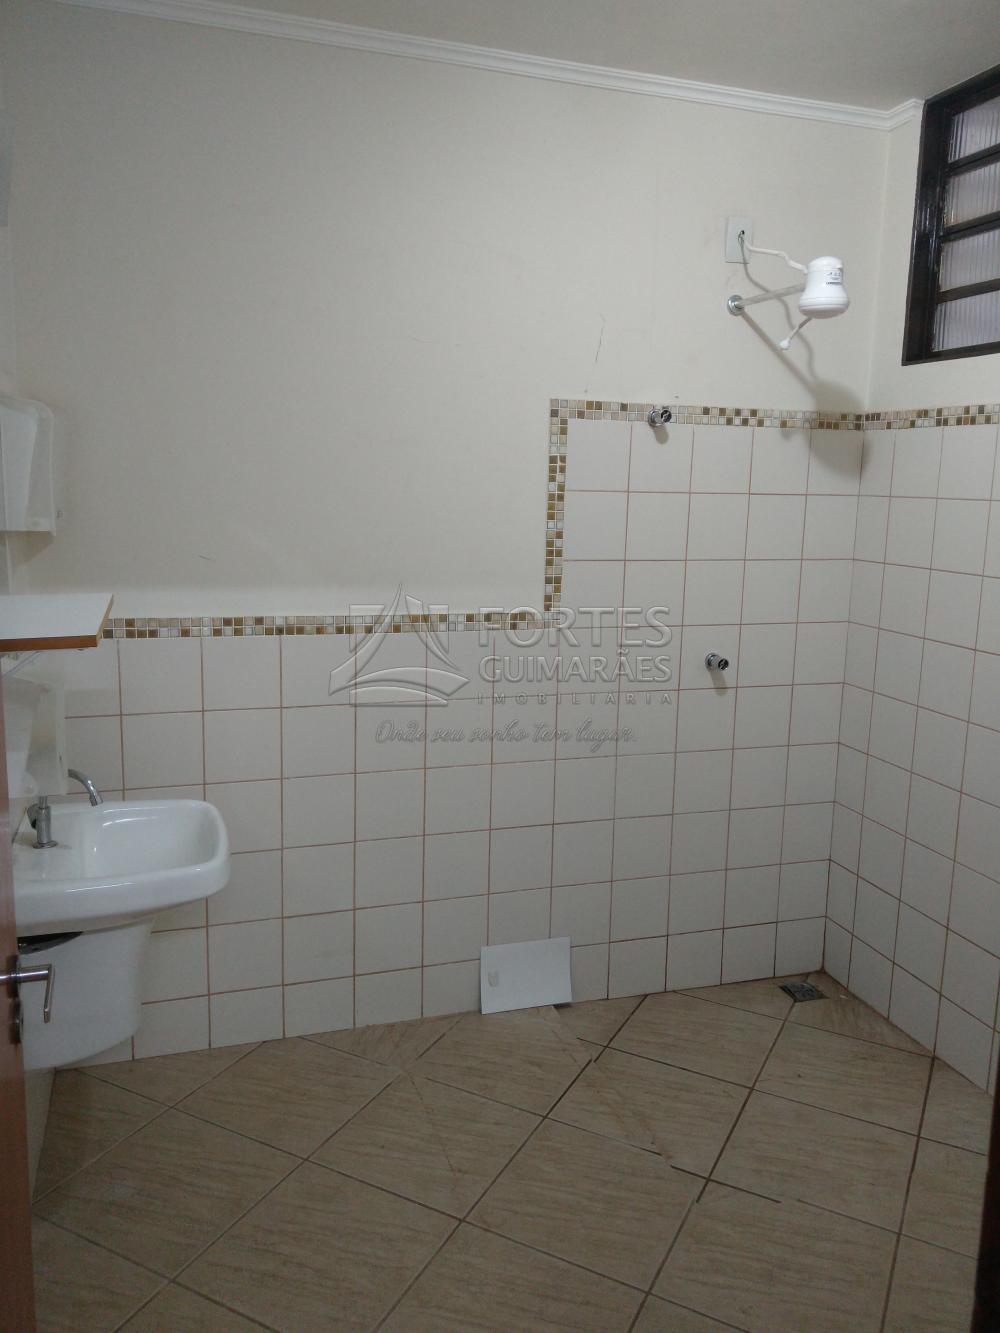 Alugar Comercial / Imóvel Comercial em Ribeirão Preto apenas R$ 12.000,00 - Foto 32